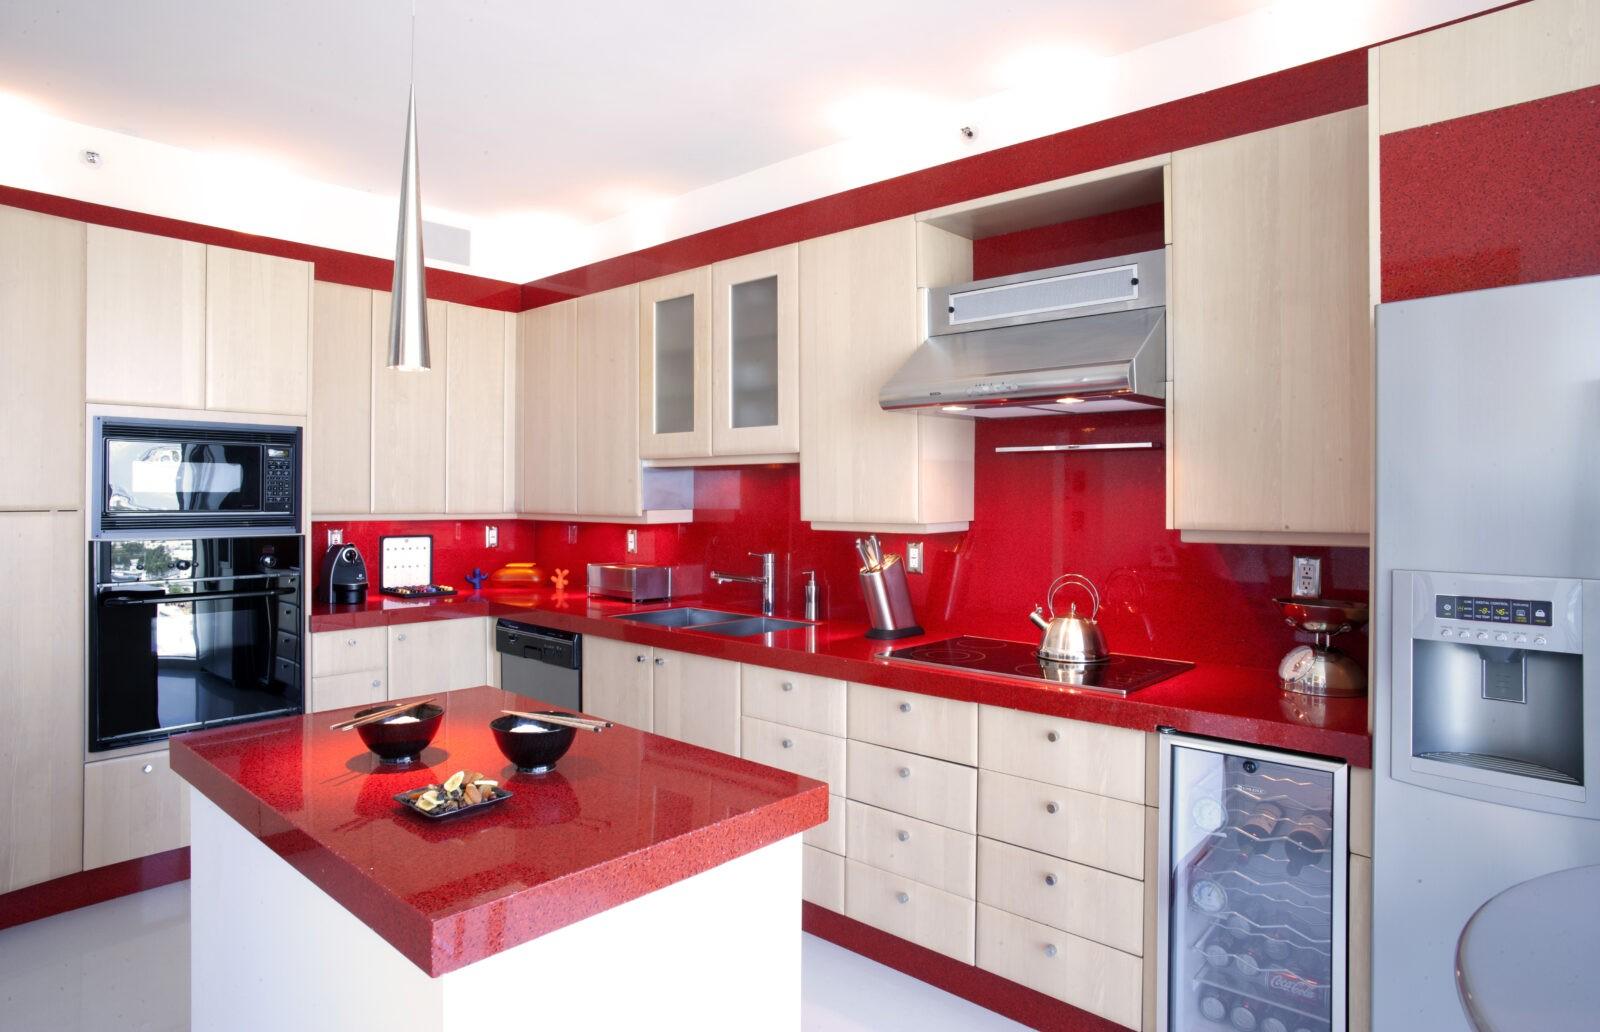 Airies kitchen design